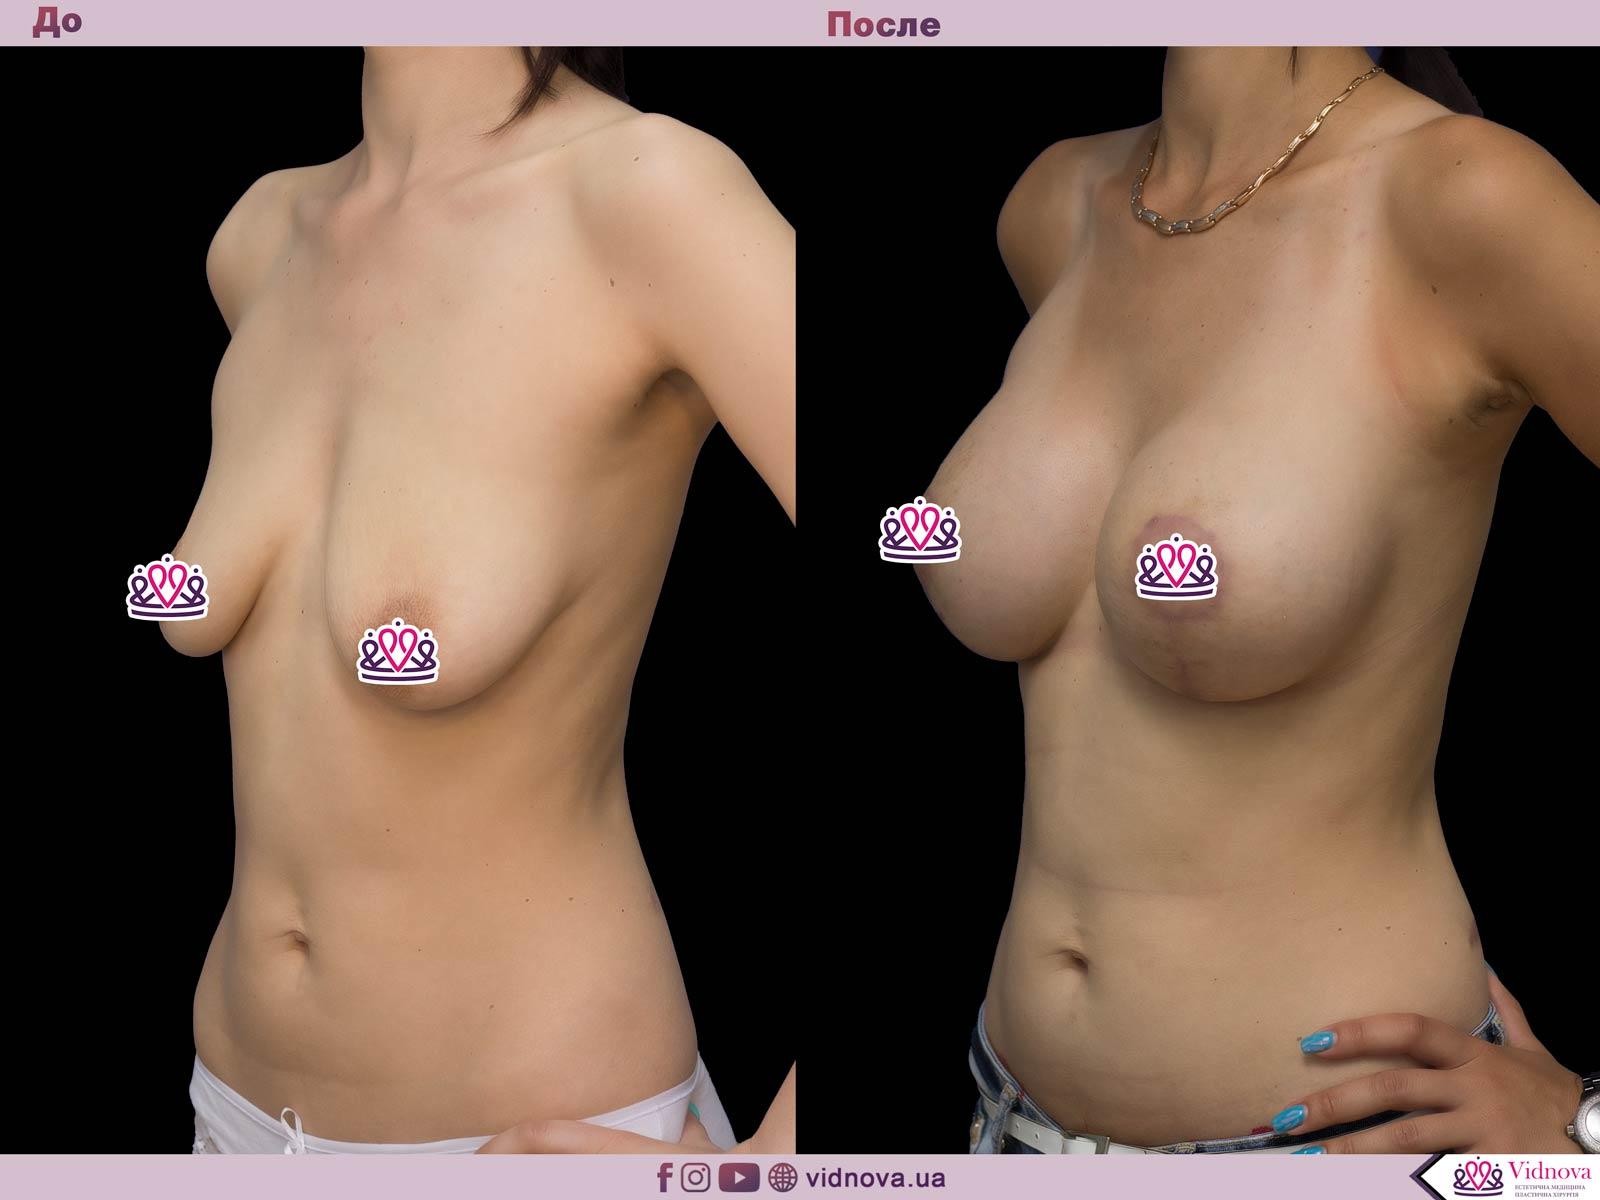 Пластика груди: результаты до и после - Пример №58-1 - Светлана Работенко